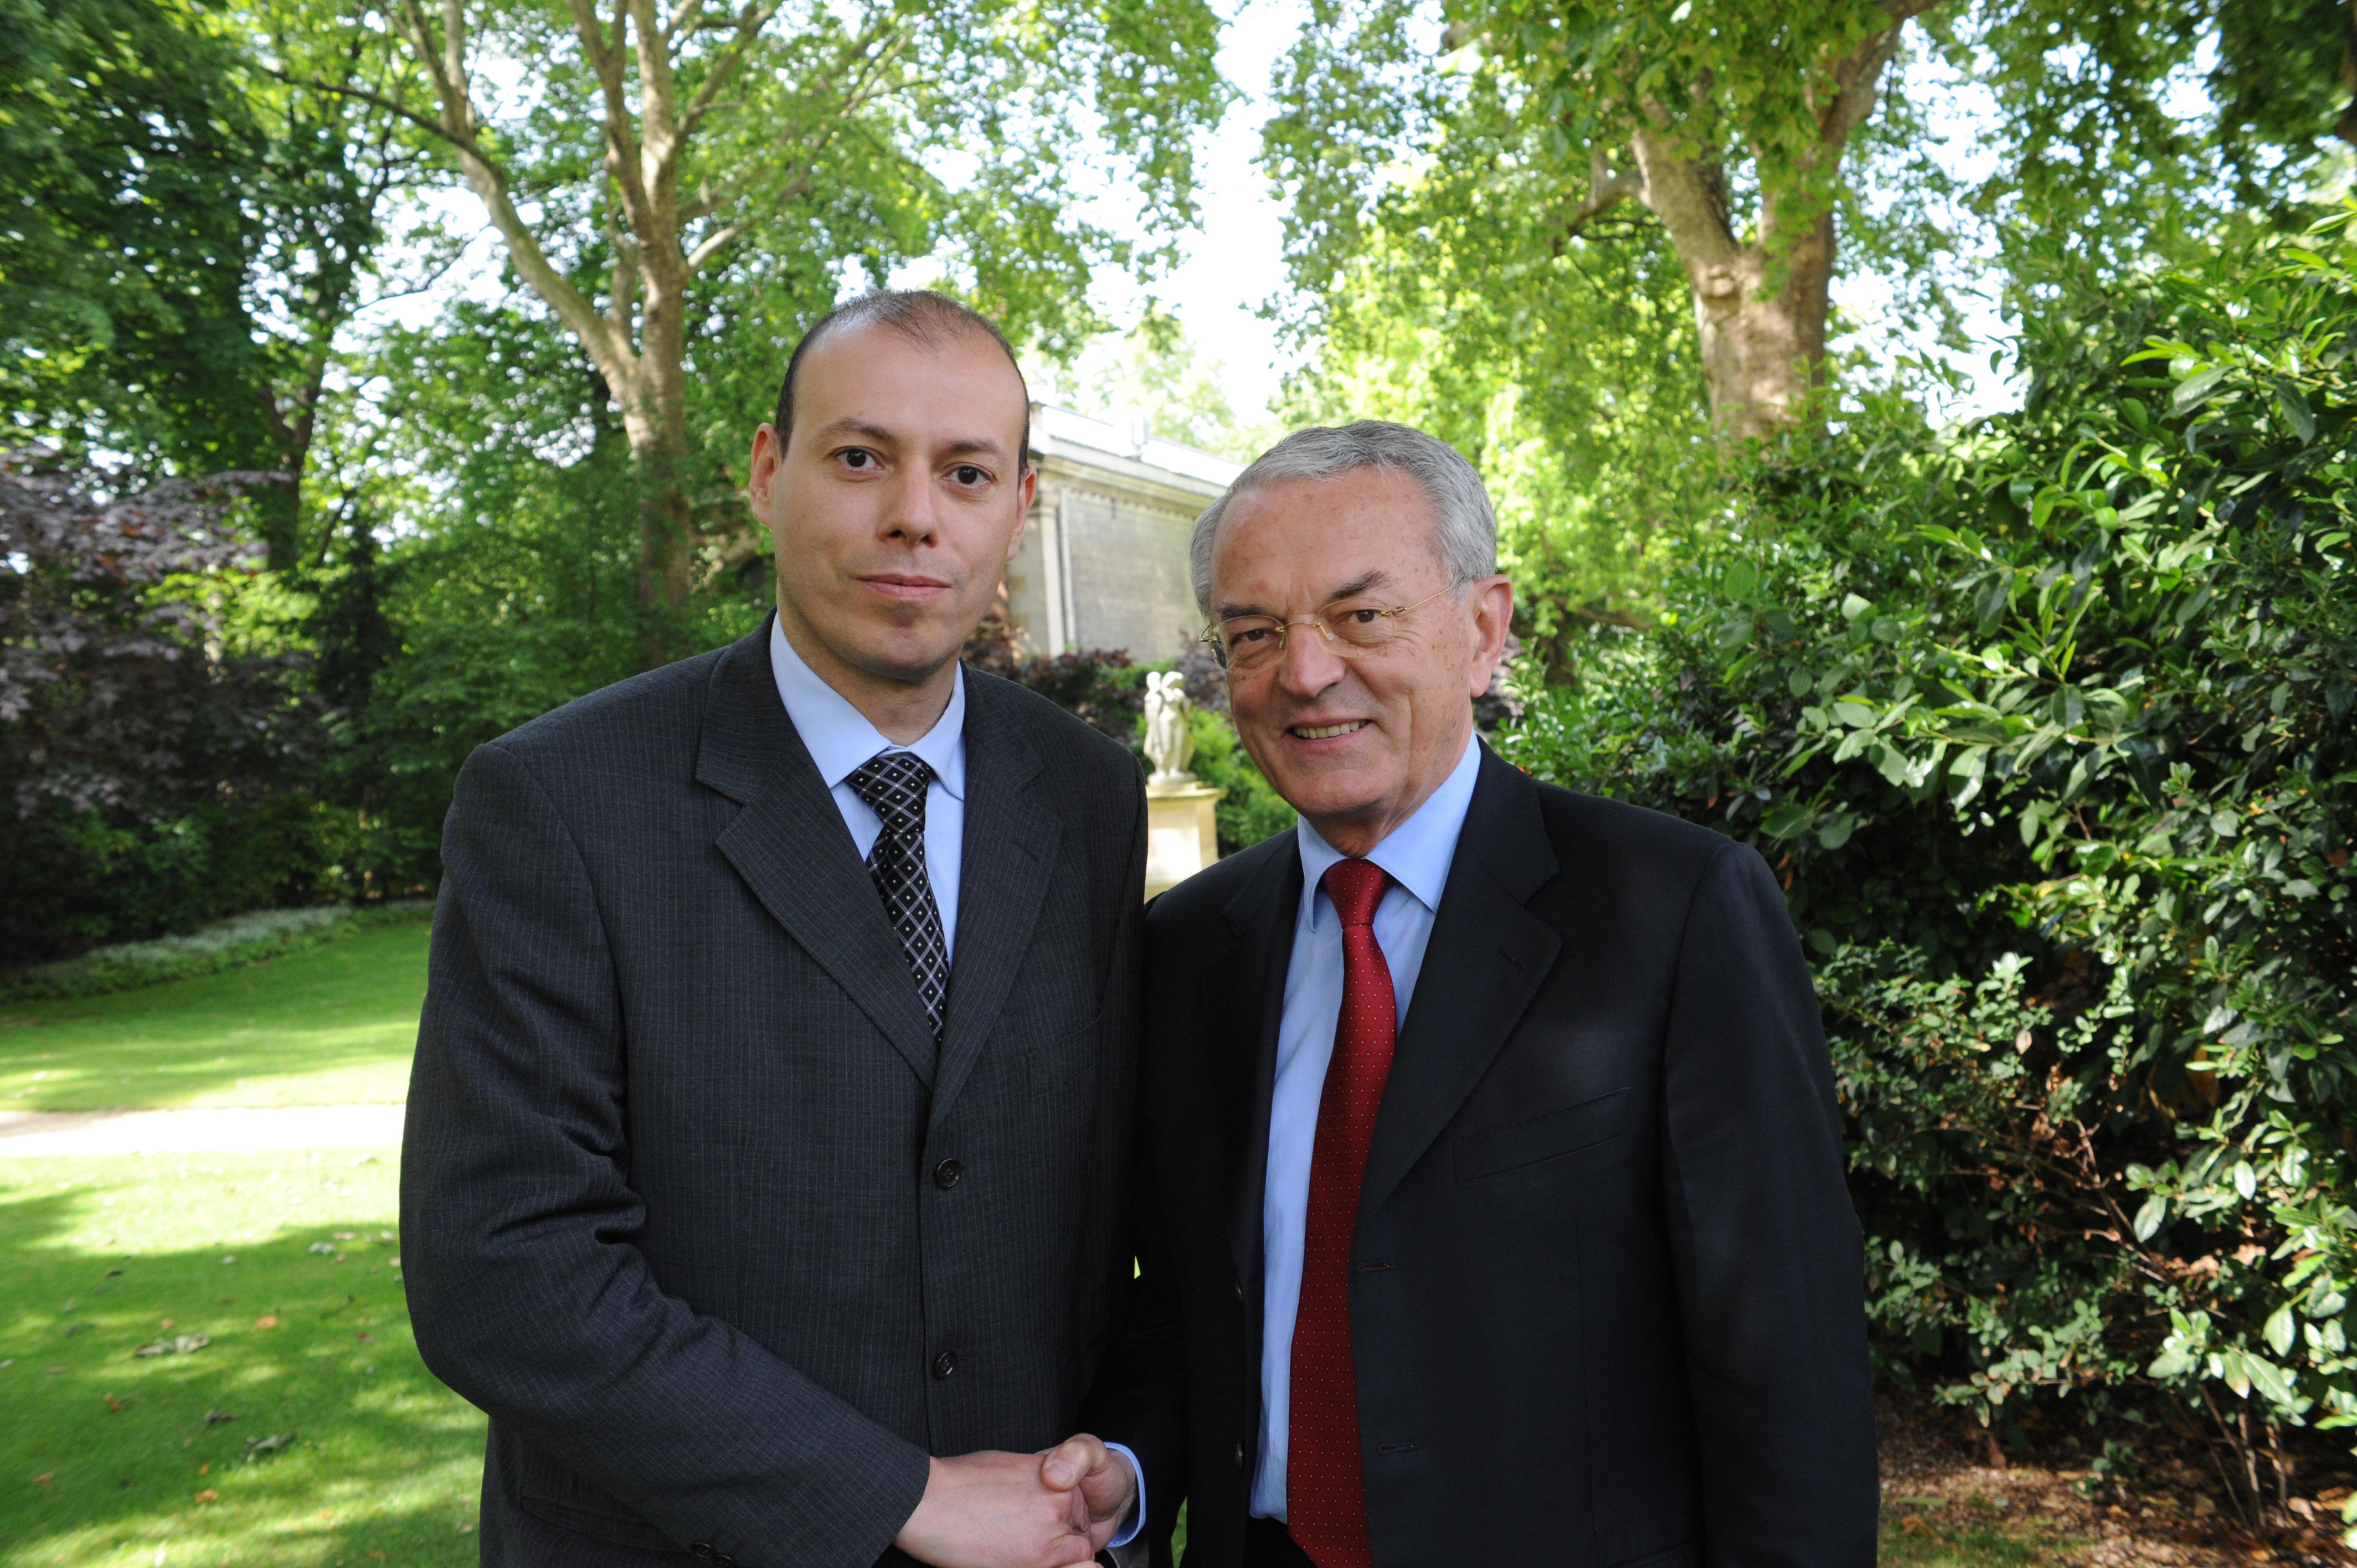 Photos - image Billel-Ouadah-Sénat-samedi-19-mai-2012-réunion-et-prépartion-de-campagne-avec-Jean-Arthuis on http://www.billelouadah.fr